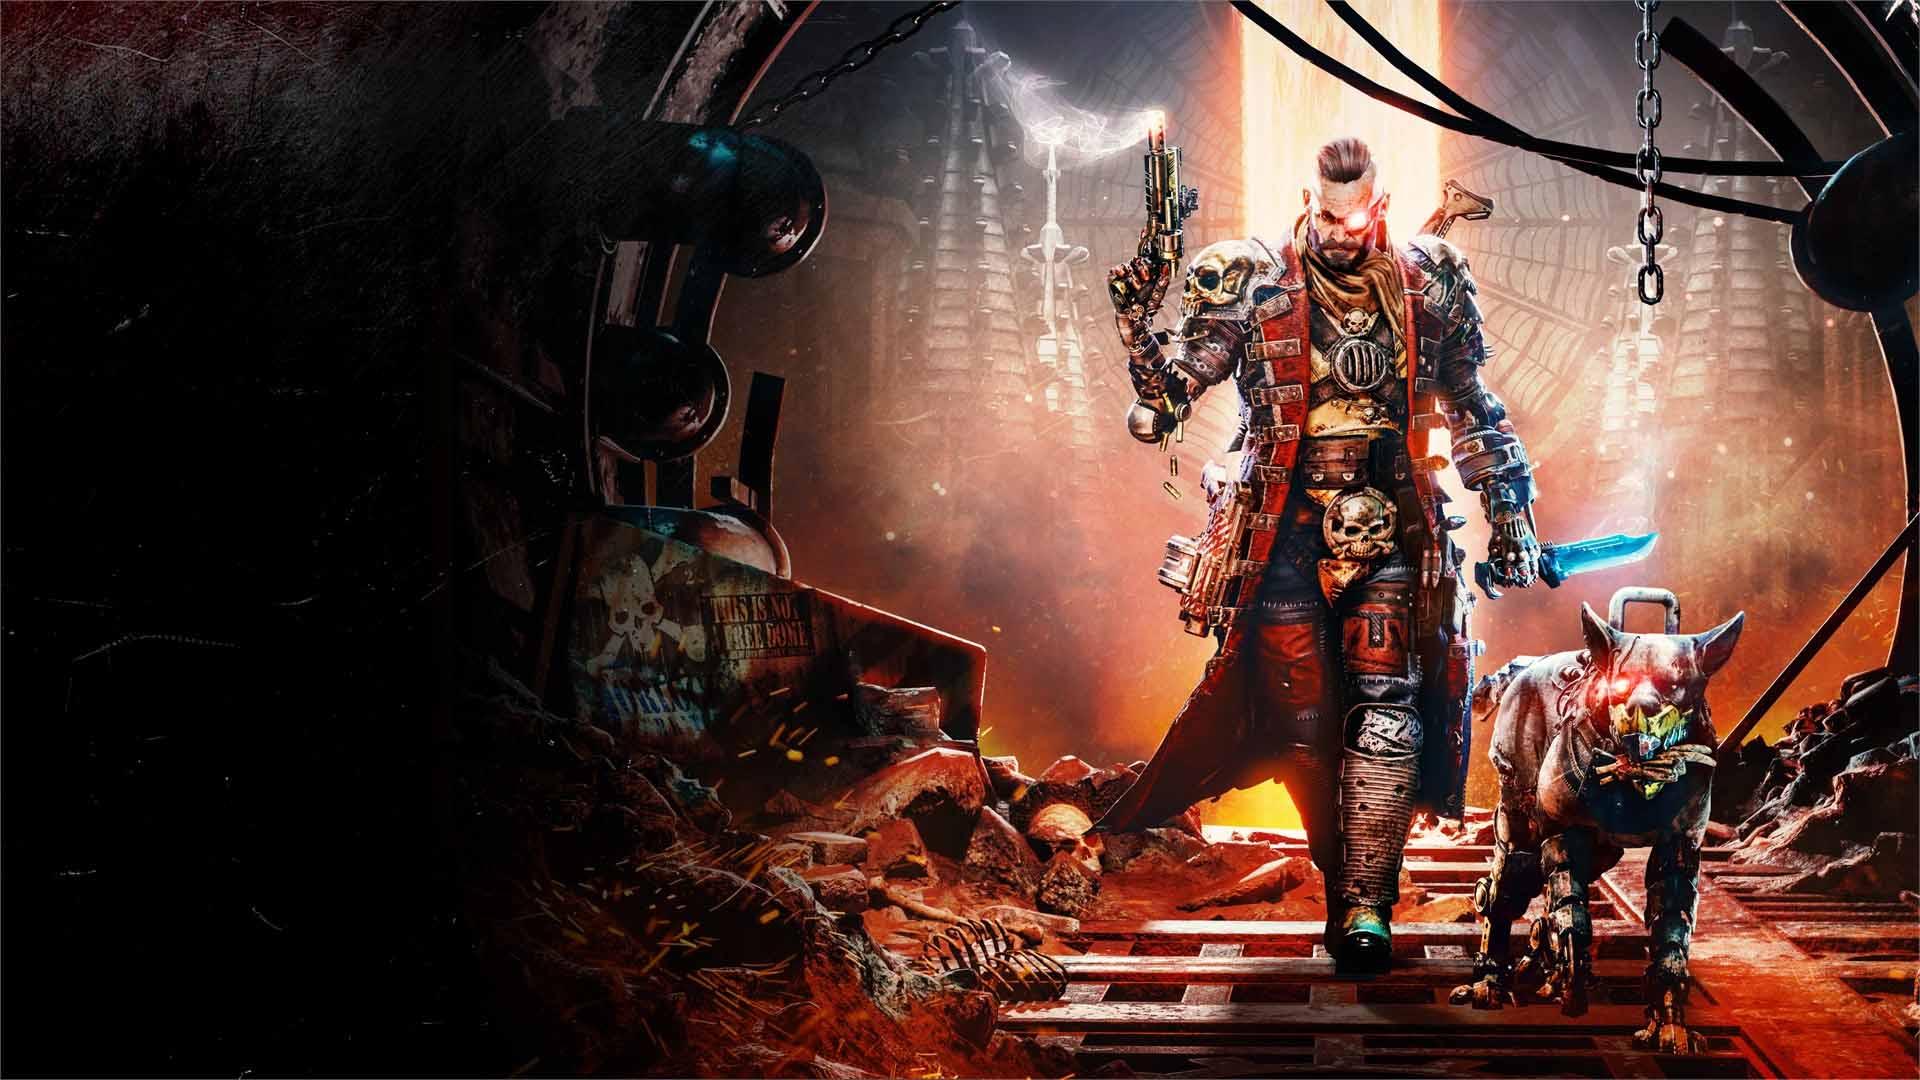 Necromunda: Hired Gun presenta su escopeta en un nuevo tráiler con gameplay 5